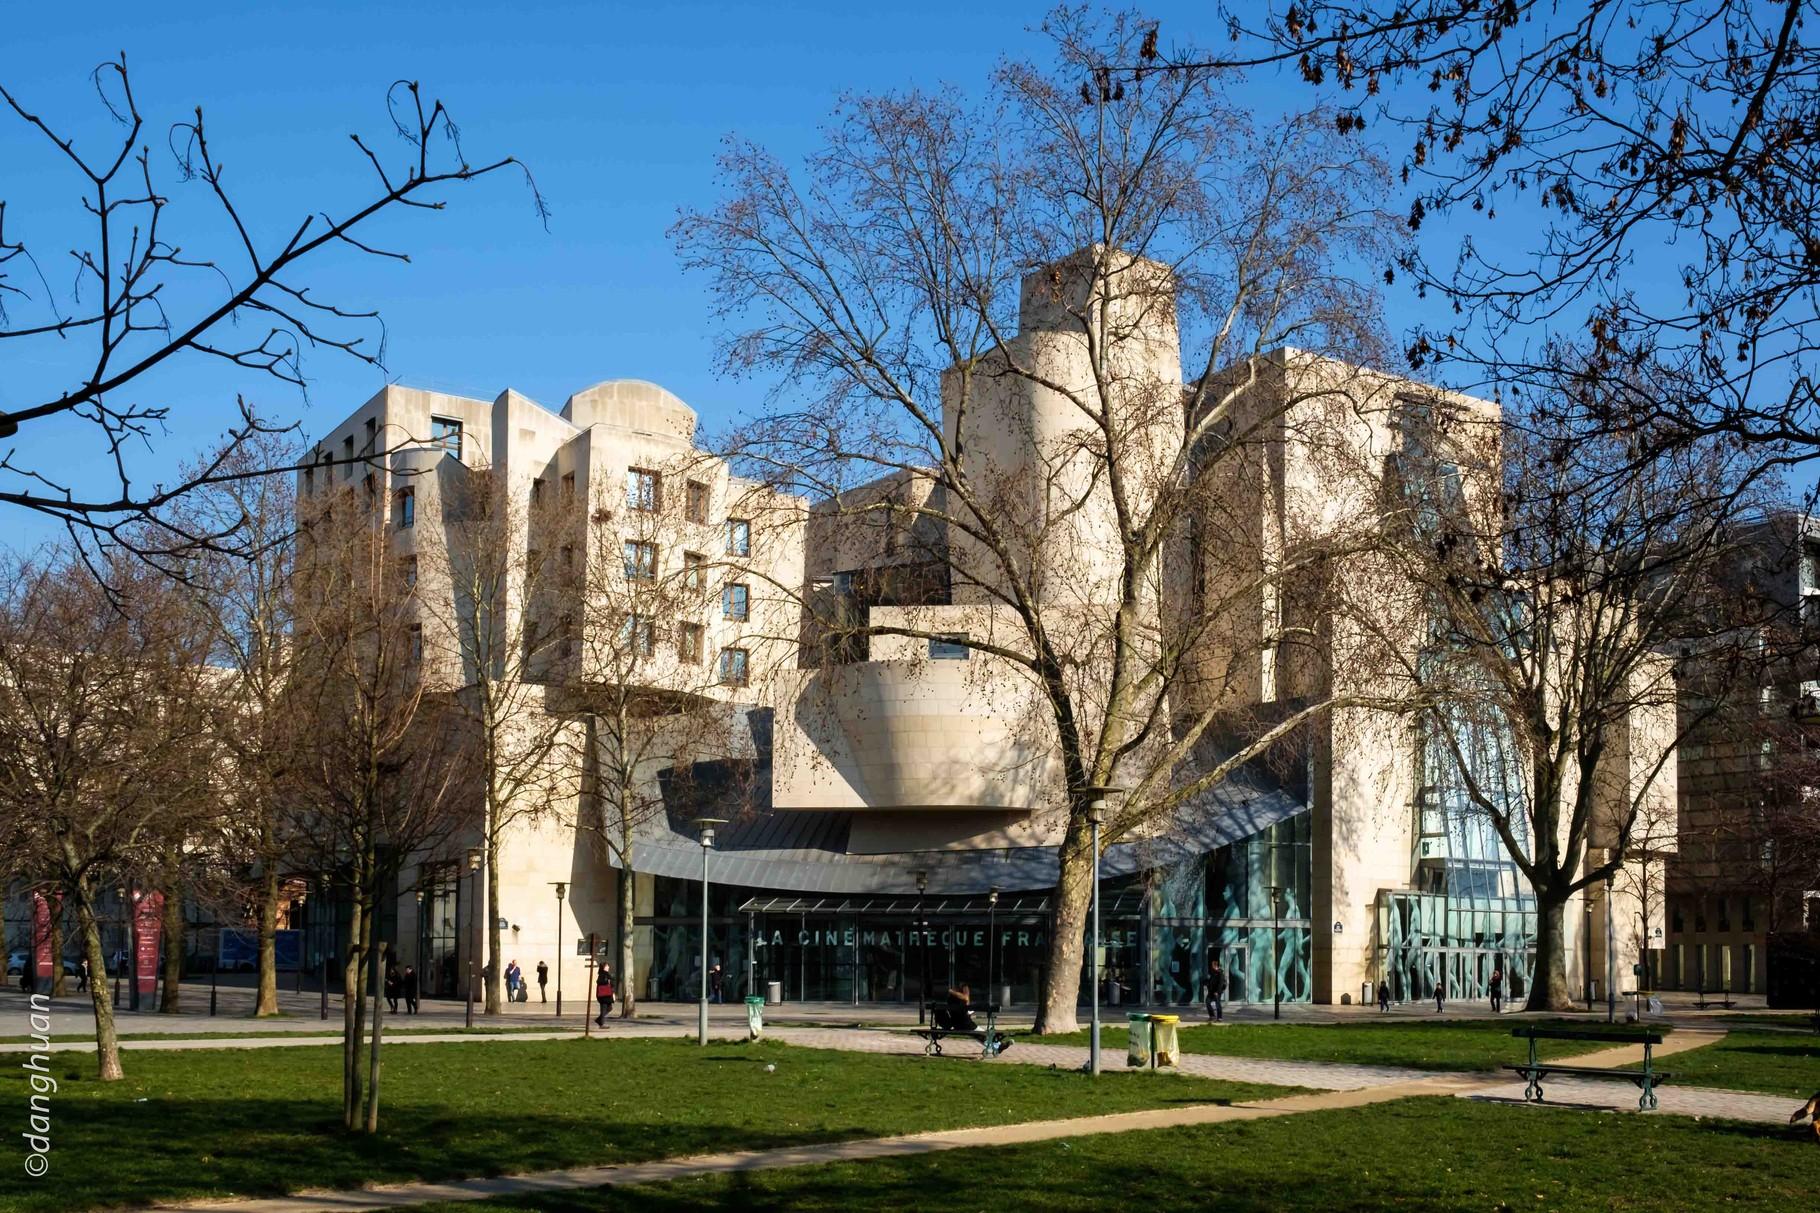 La cinémathèque Française dont le bâtiment fut conçu  en 1993 par Frank Gehry